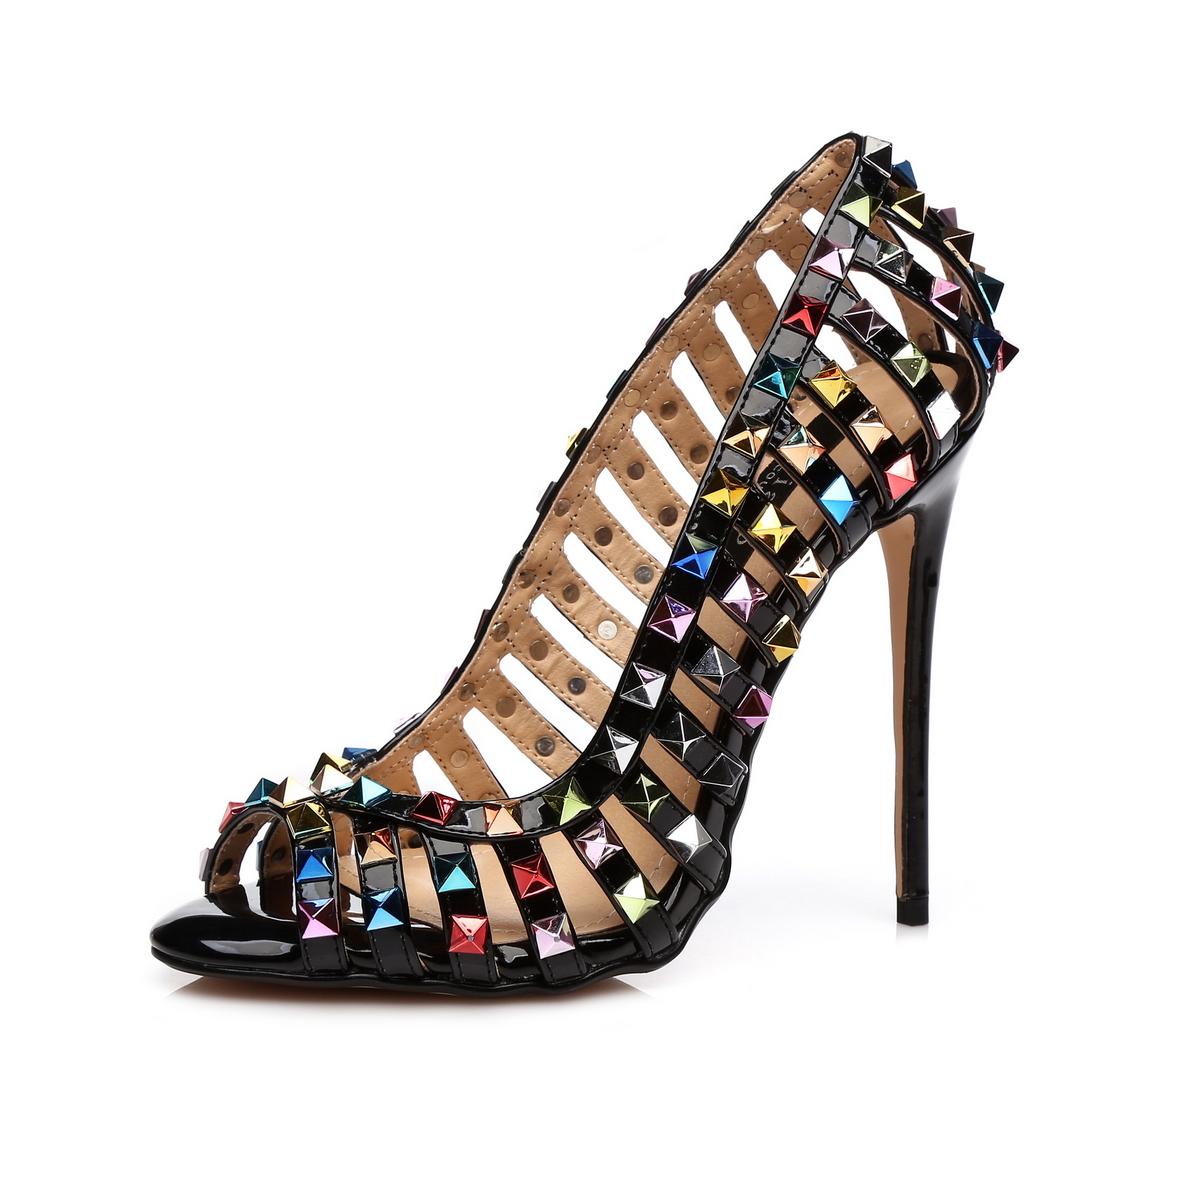 GIARO - Damen High Heel Pumps - Schwarz Schuhe in Übergrößen – Bild 1